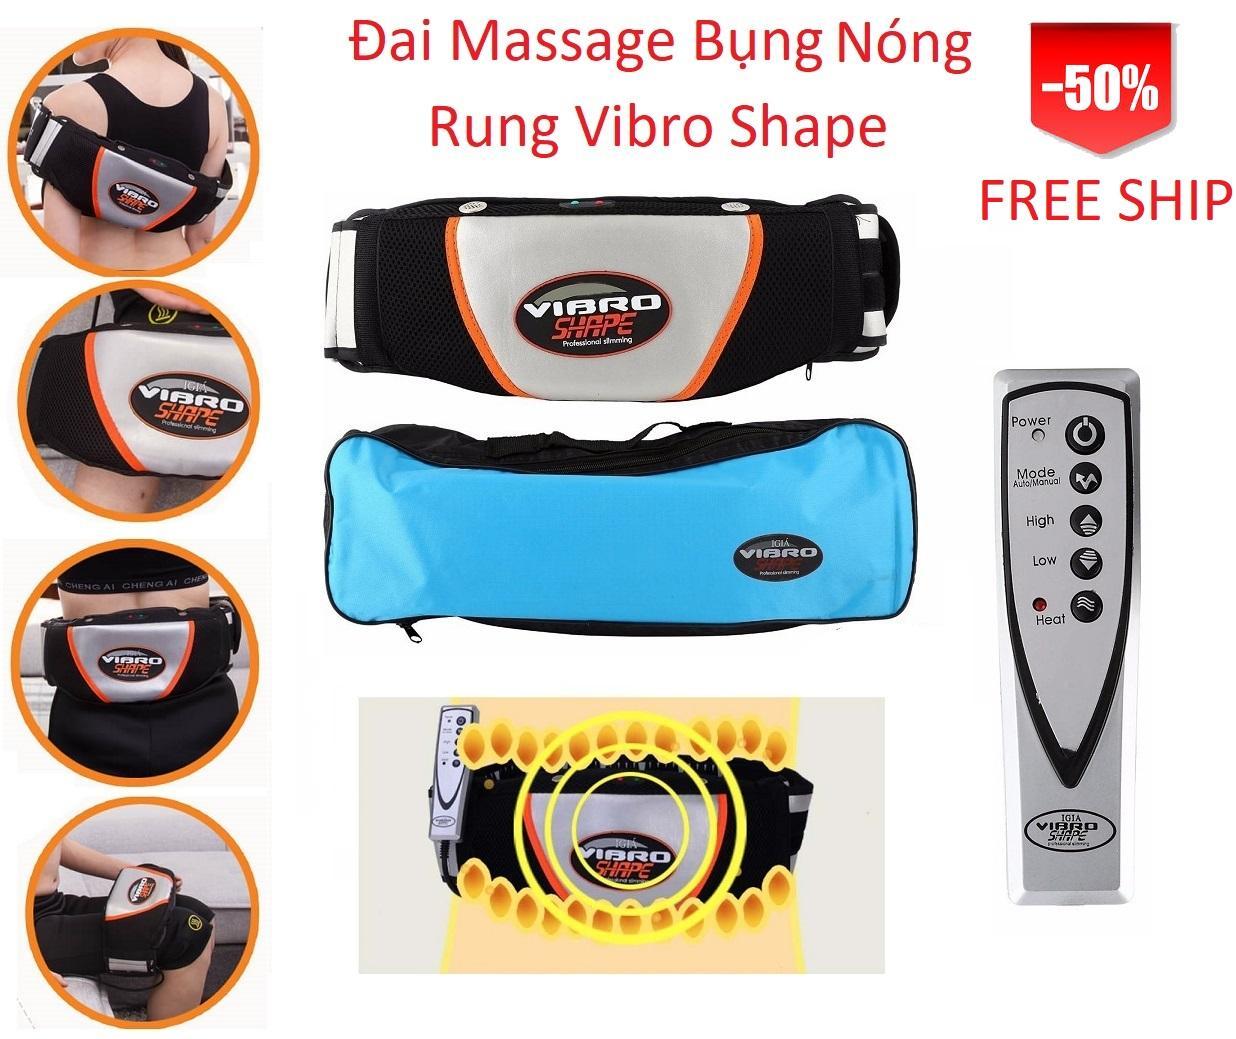 Đai Massage Bụng Vibro Shape Perfect Sbuy Mart Hàng Tuyển Sale Sốc, Giảm Béo Đa Năng, Sản Phẩm Nhập Khẩu